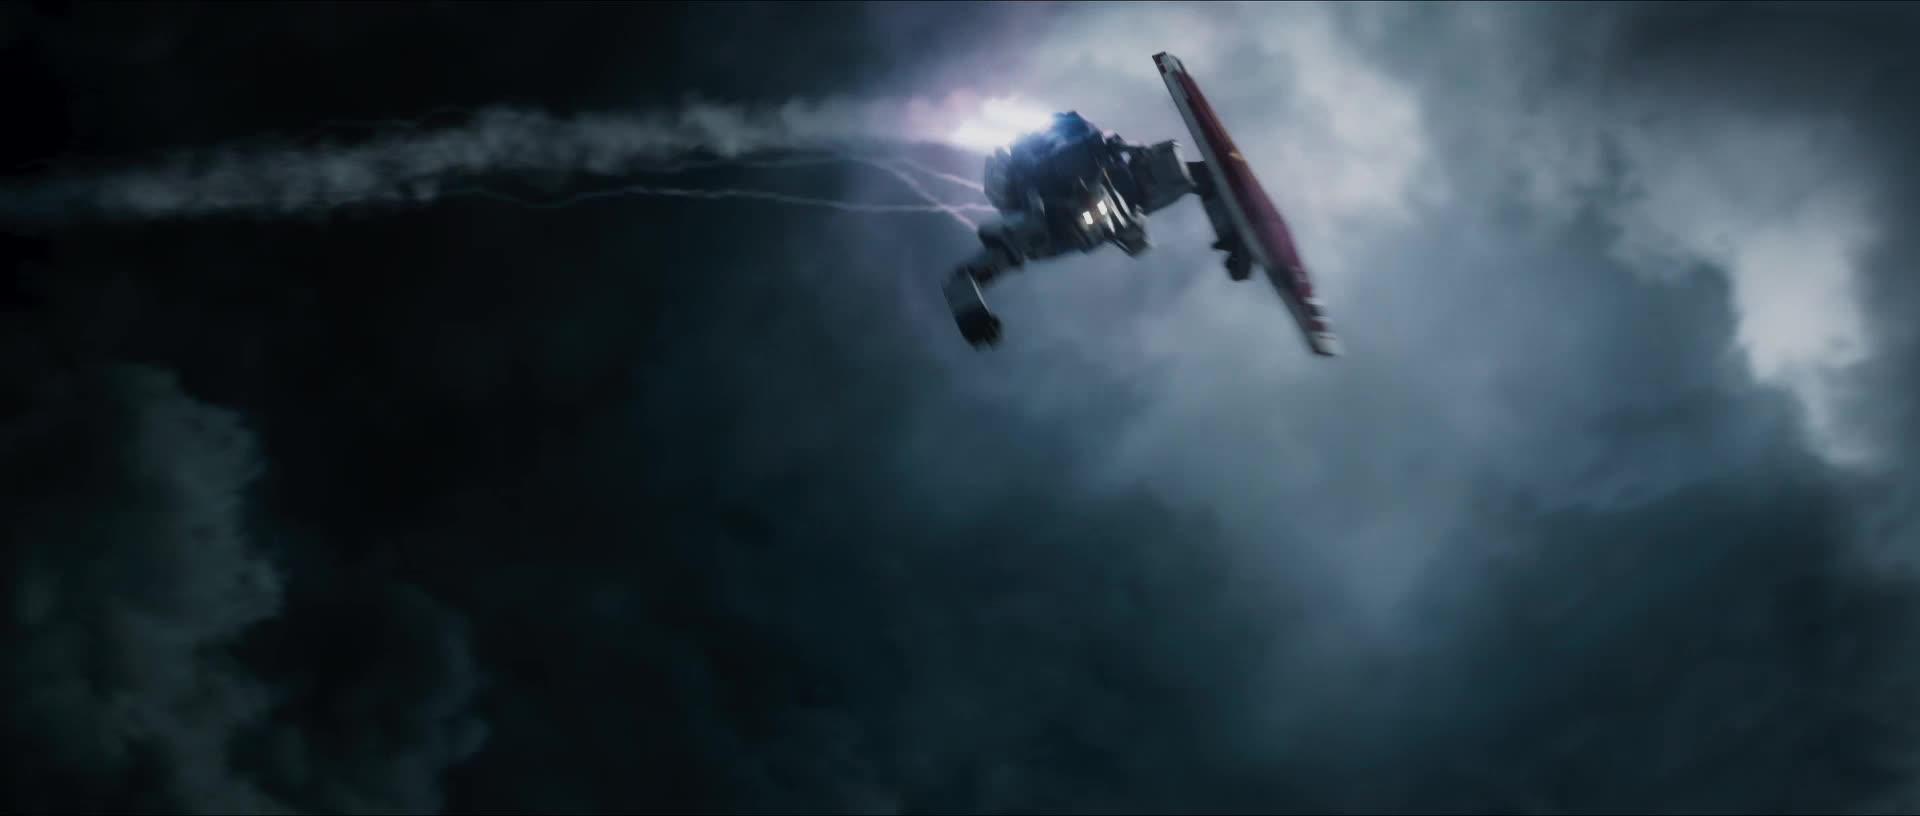 Gundam-rp1_2 GIFs